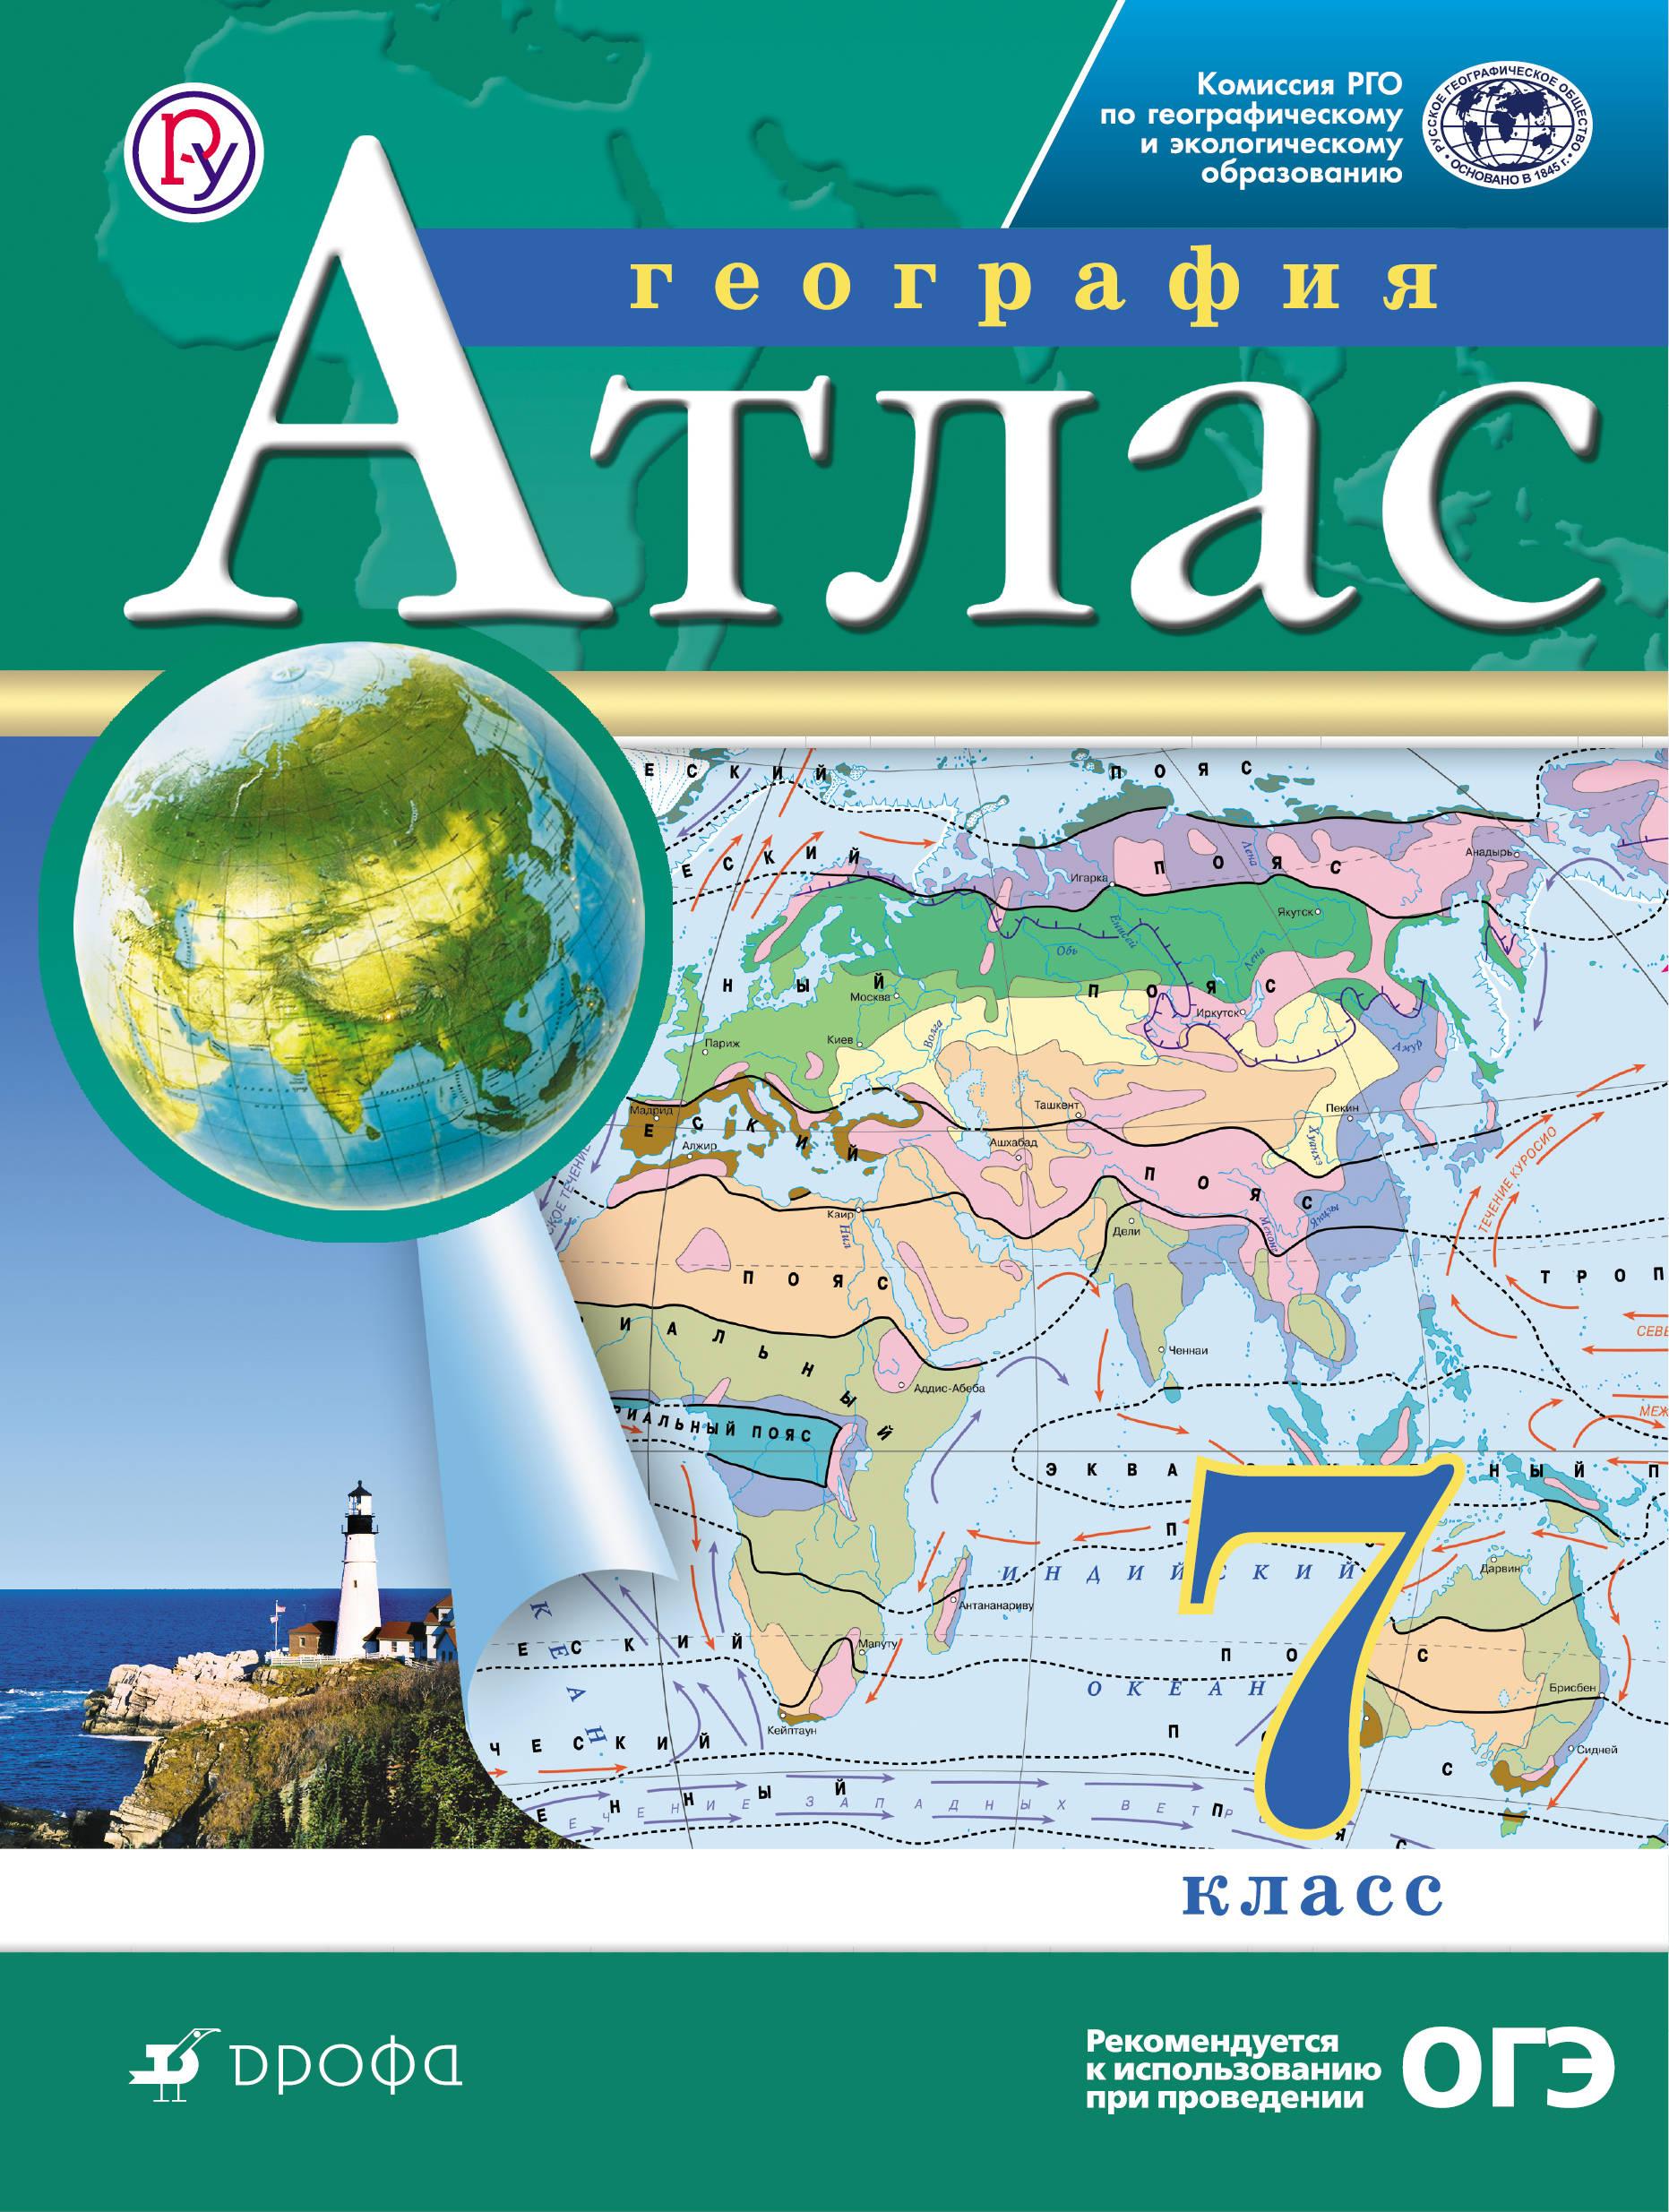 Фото - География. 7 класс. Атлас. (Традиционный комплект)(РГО) география 10 11 классы атлас традиционный комплект рго